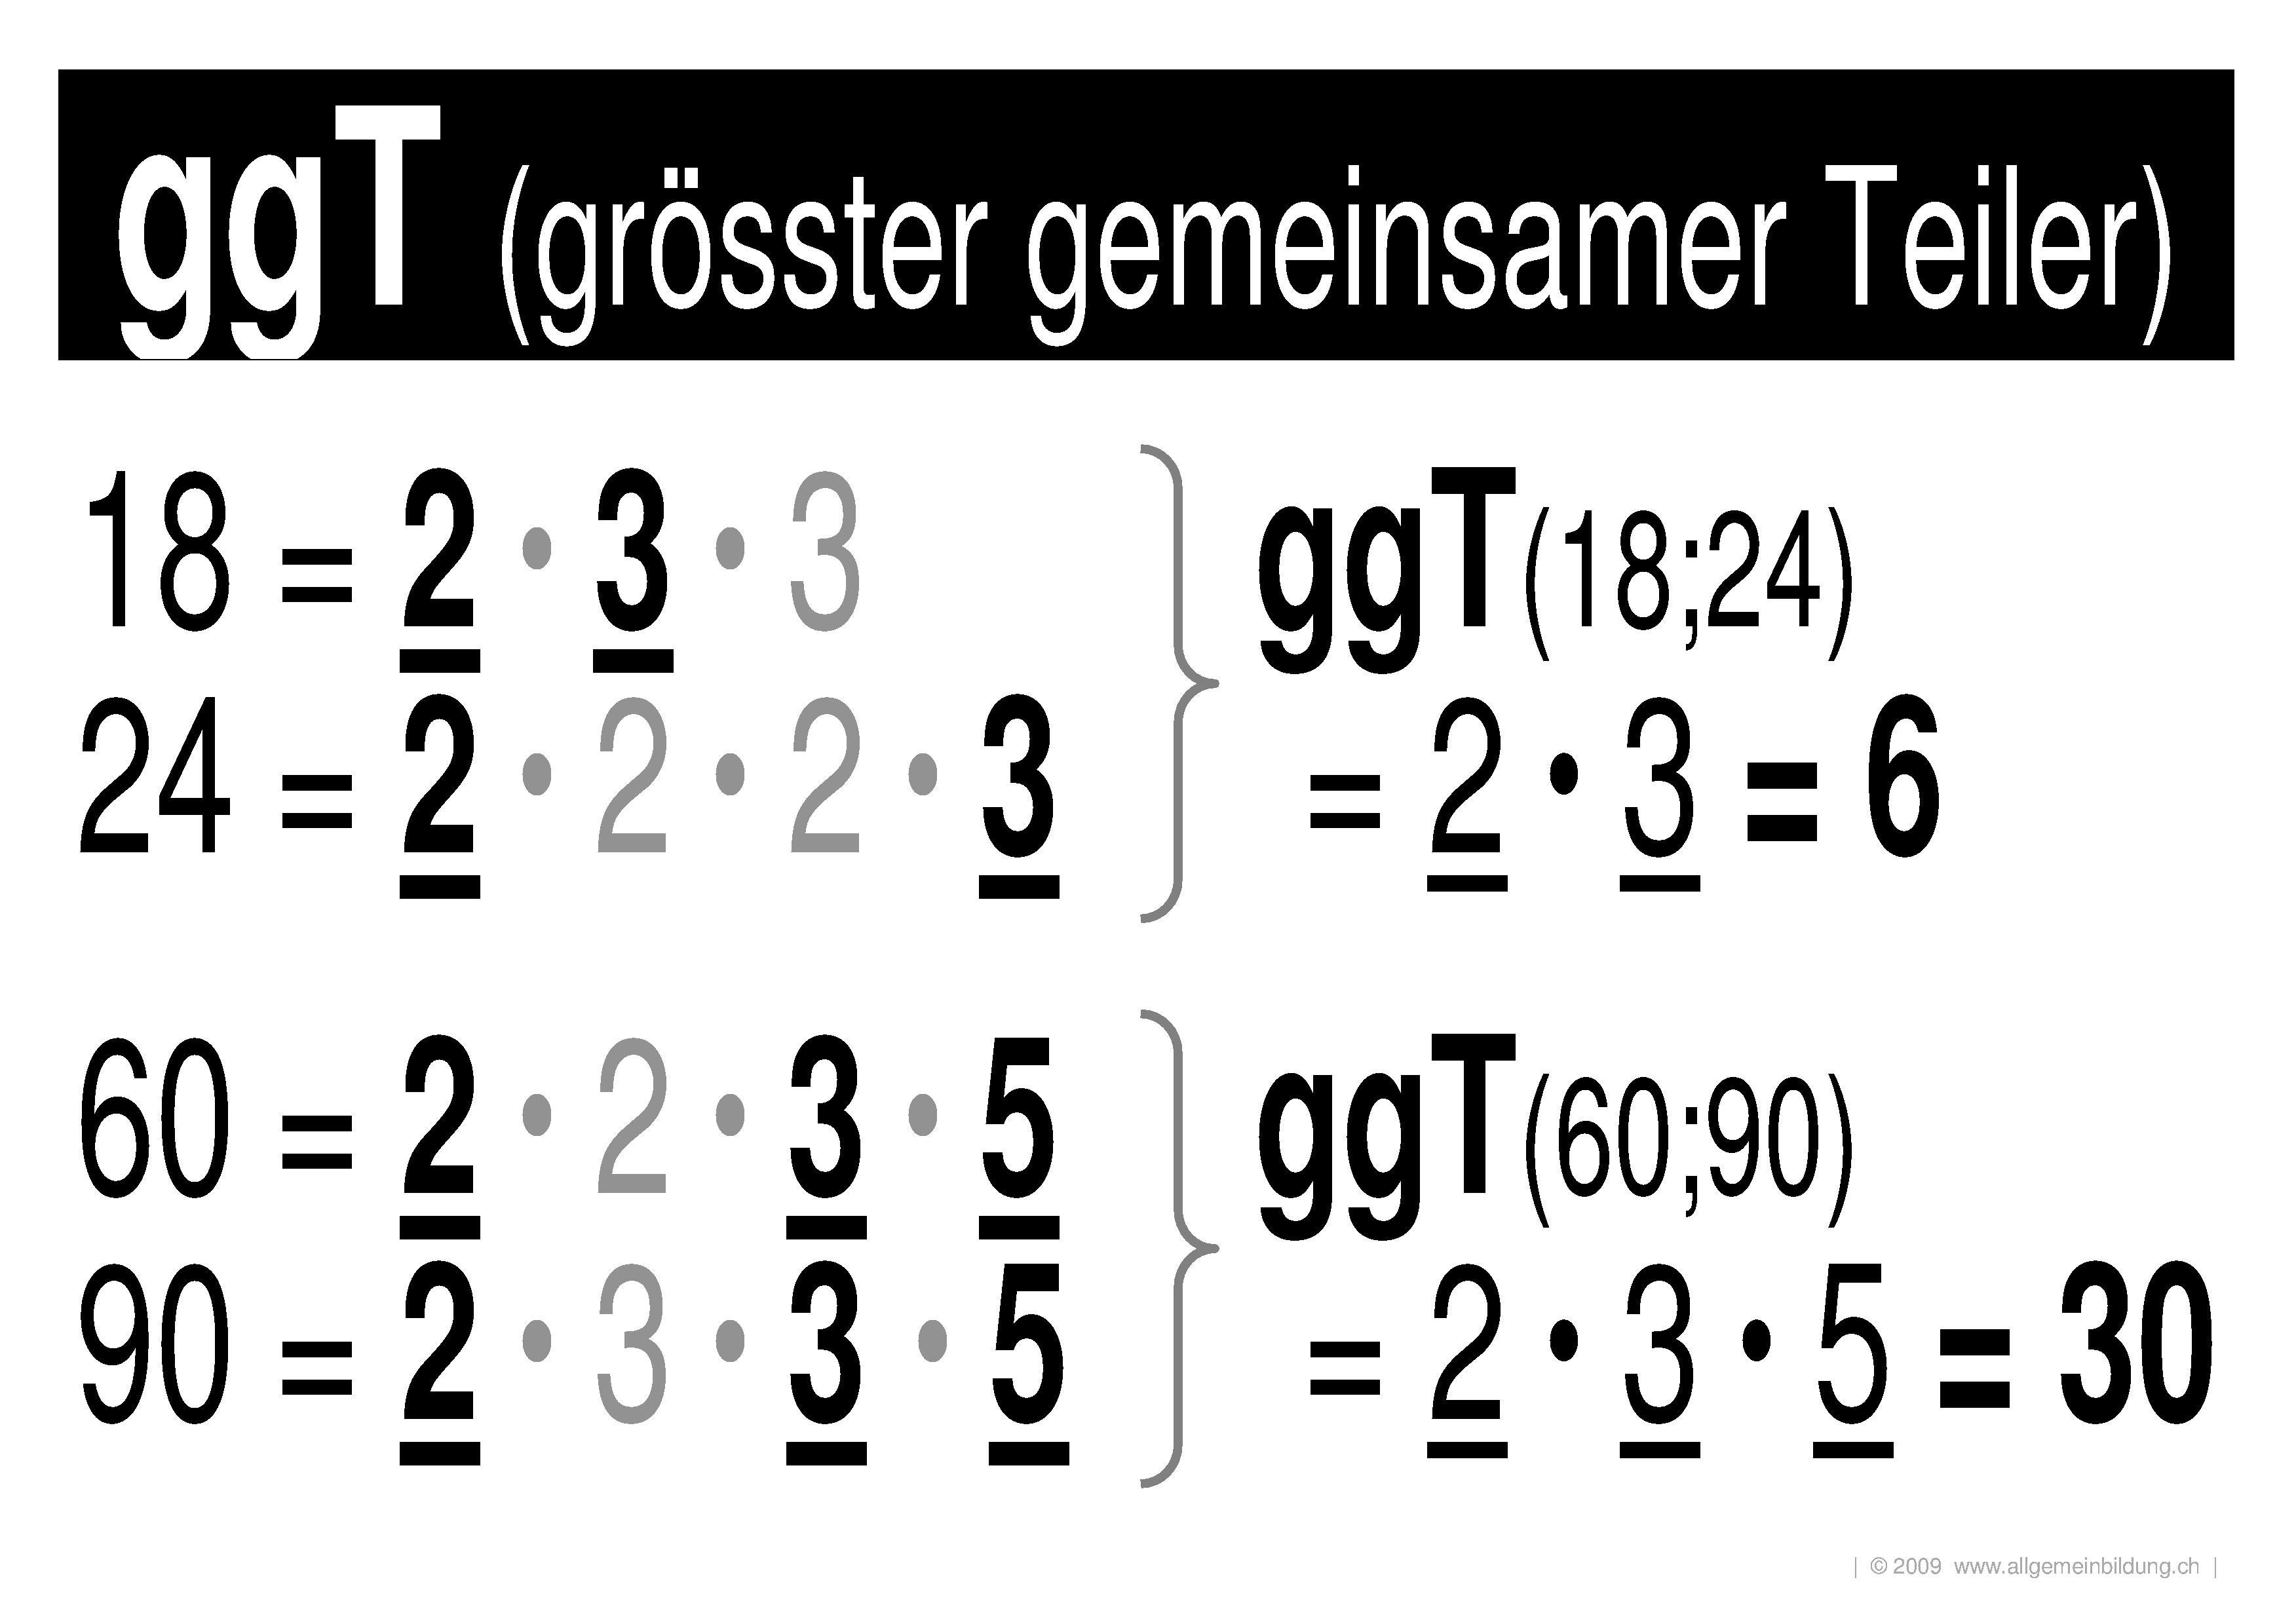 mathematik geometrie lernplakate wissensposter ggt gr sster gemeinsamer teiler 8500. Black Bedroom Furniture Sets. Home Design Ideas